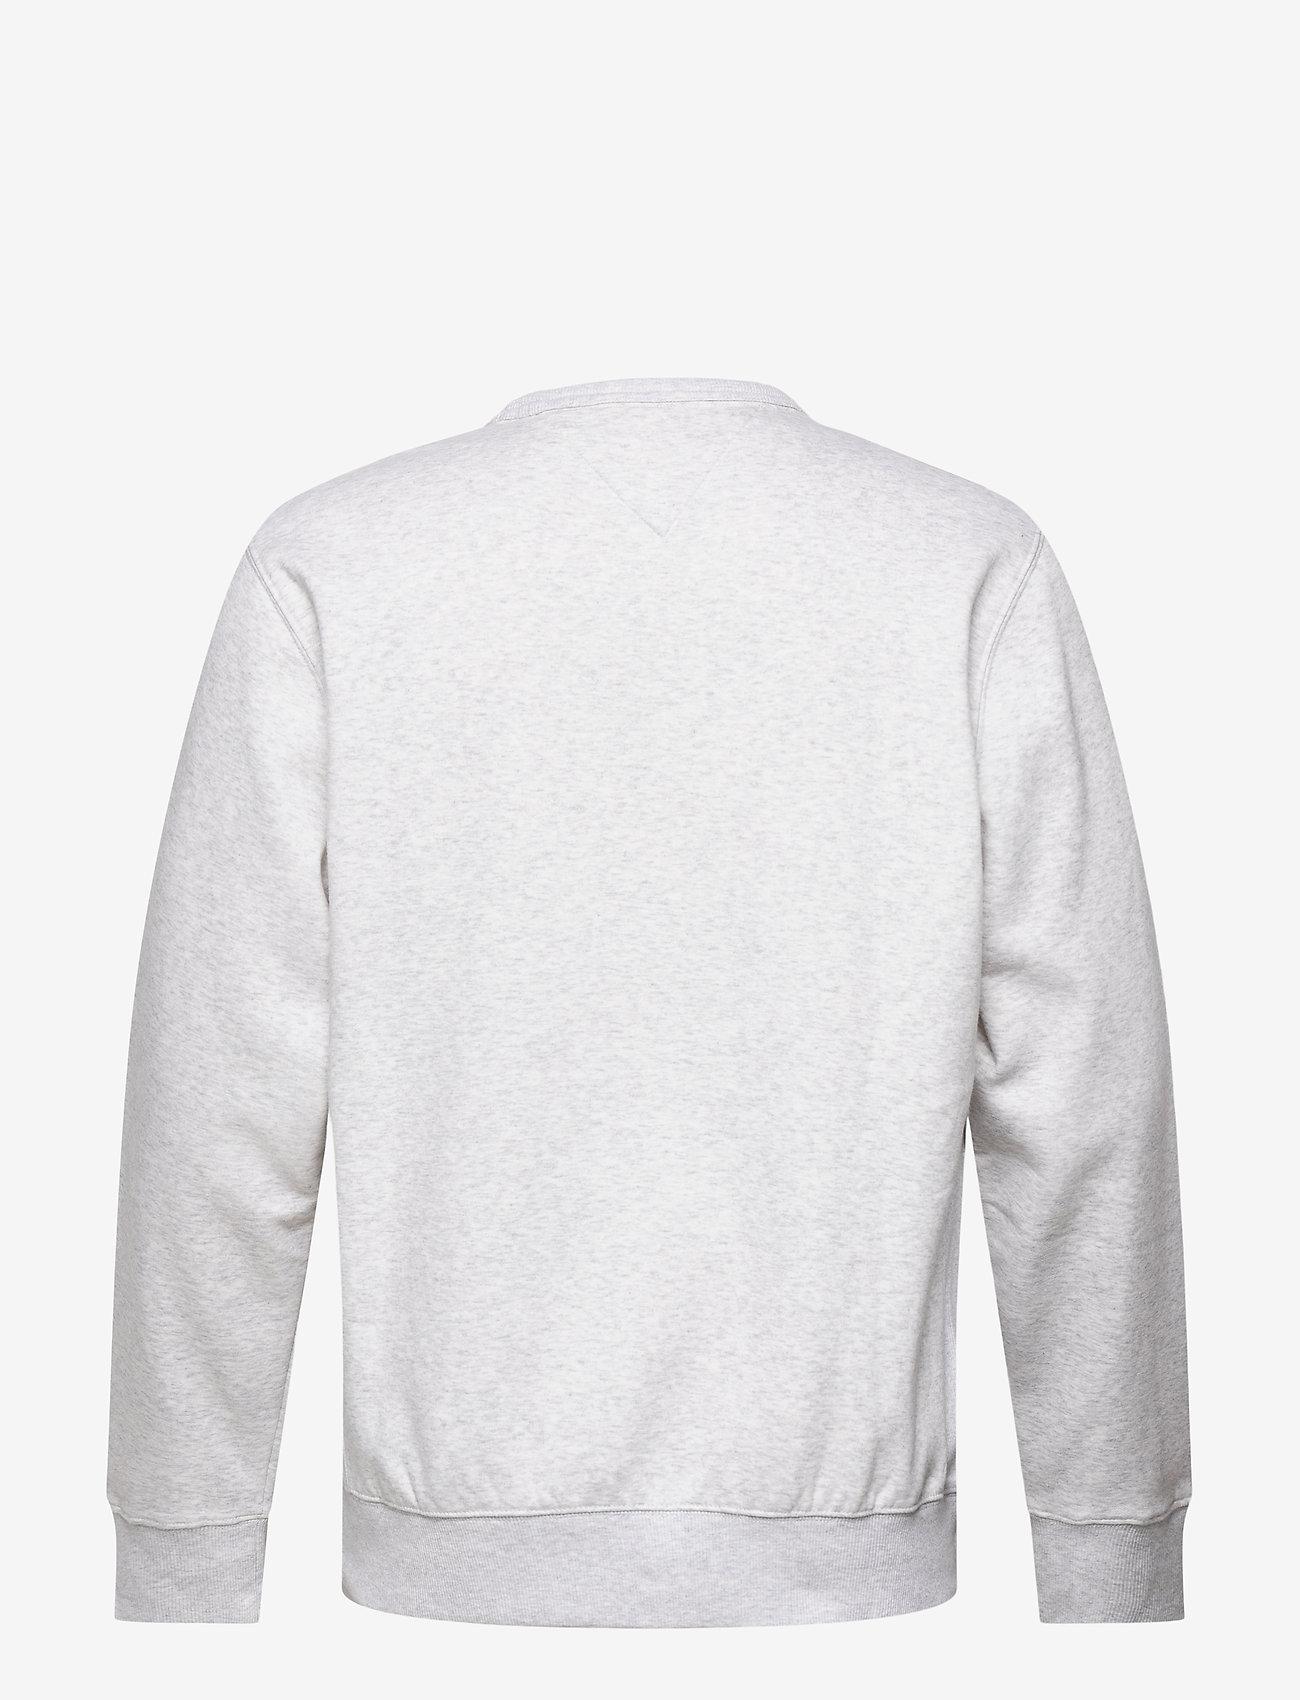 Tommy Jeans - TJM TIMELESS TOMMY CREW 1 C - kläder - silver grey htr - 1